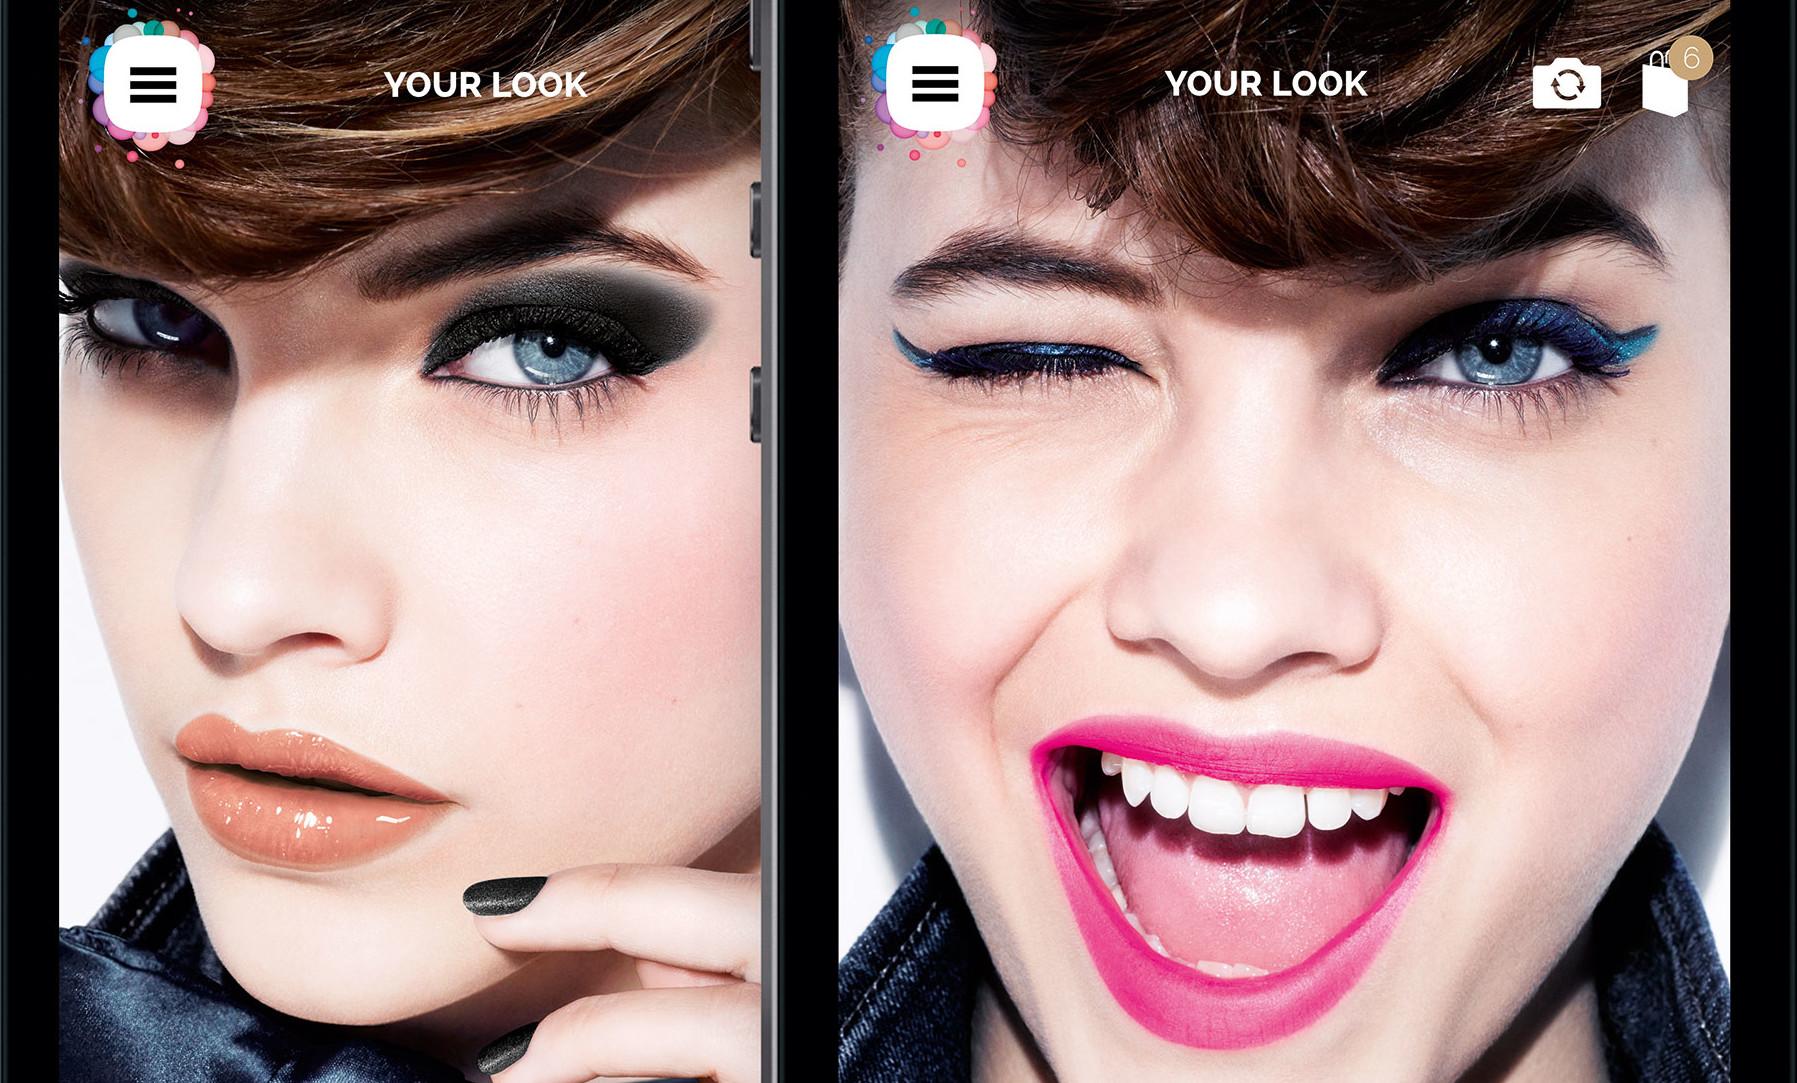 LOreal-Paris-Makeup-Genius-App-e1428897051334.jpg